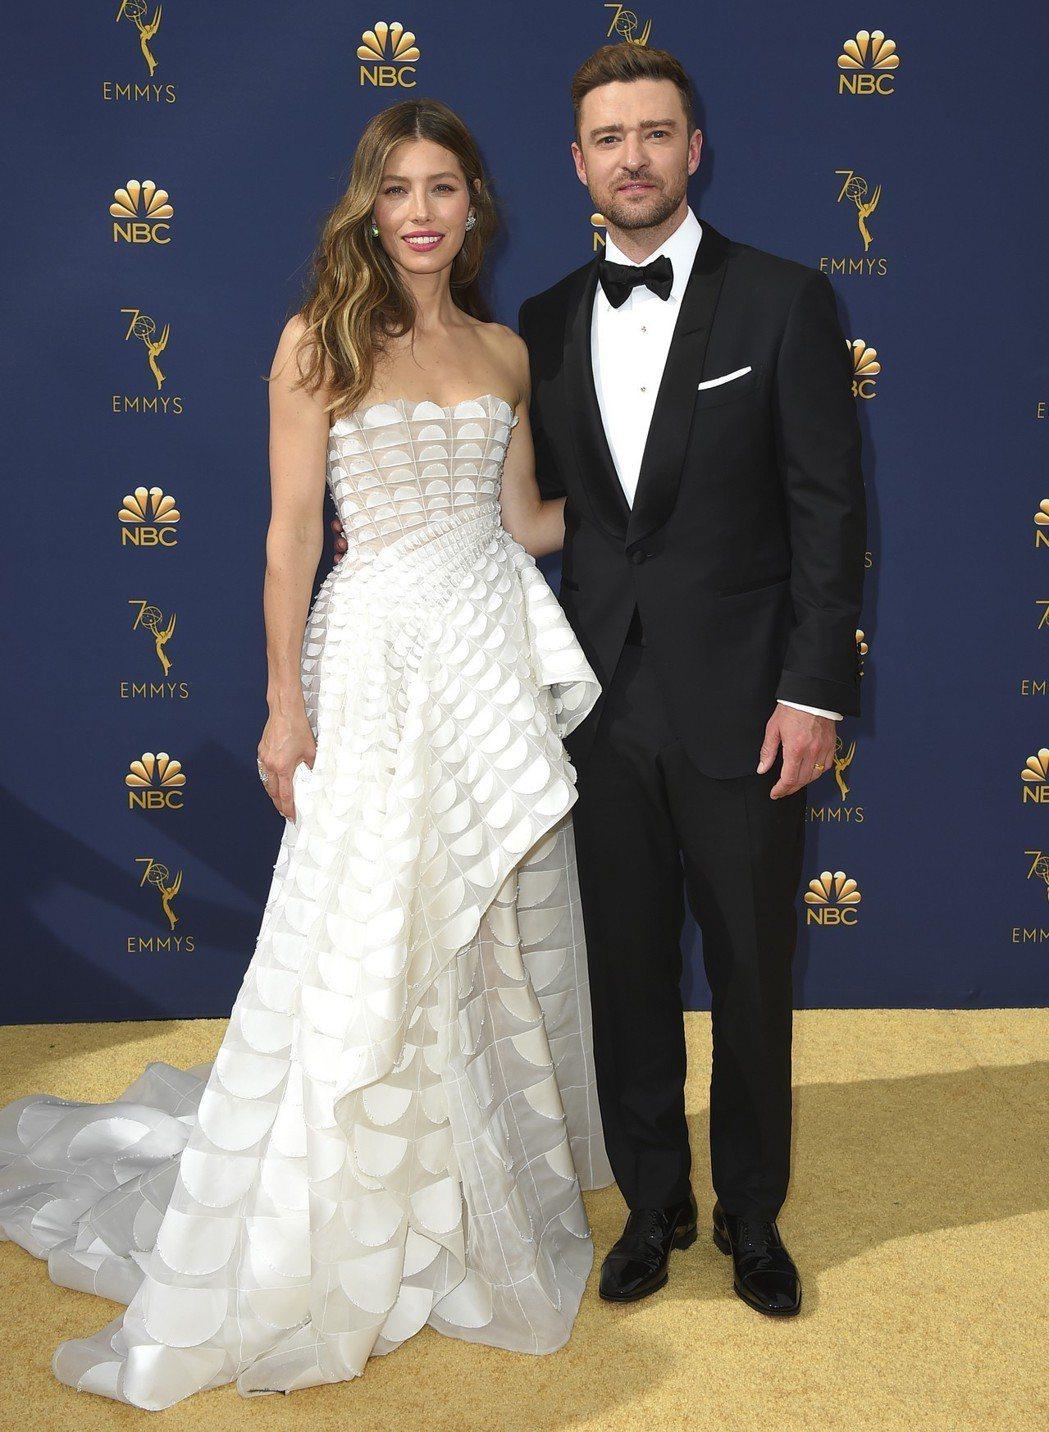 潔西卡貝兒與老公賈斯汀甜蜜現身第70屆艾美獎星光大道。 圖/美聯社